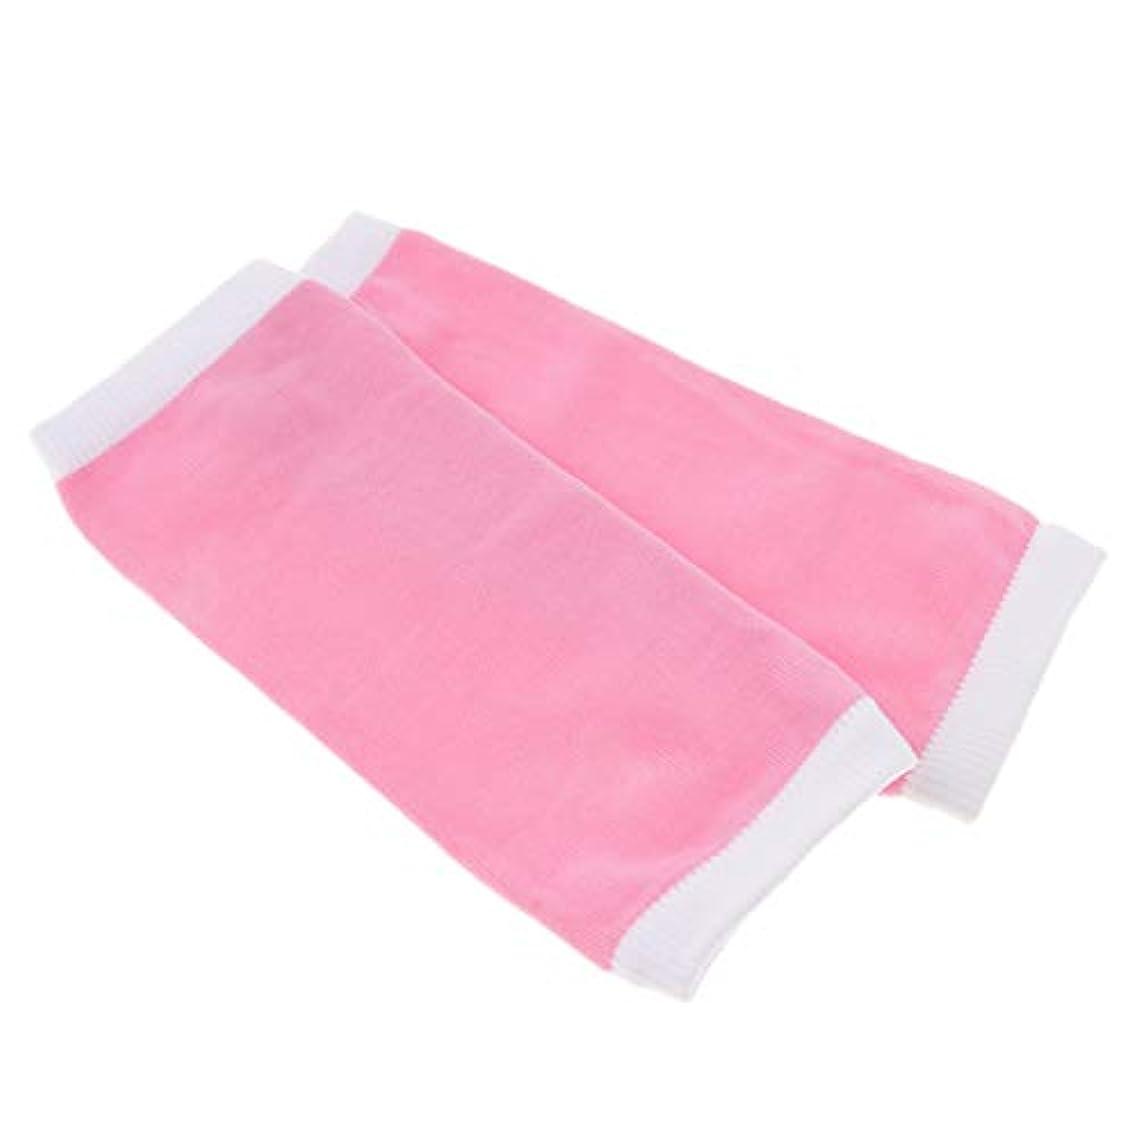 悪意永遠の主要なT TOOYFUL 美容ソックス エッセンシャルオイル ソックス 保湿ソックス ゲル製 スキンケア 用品